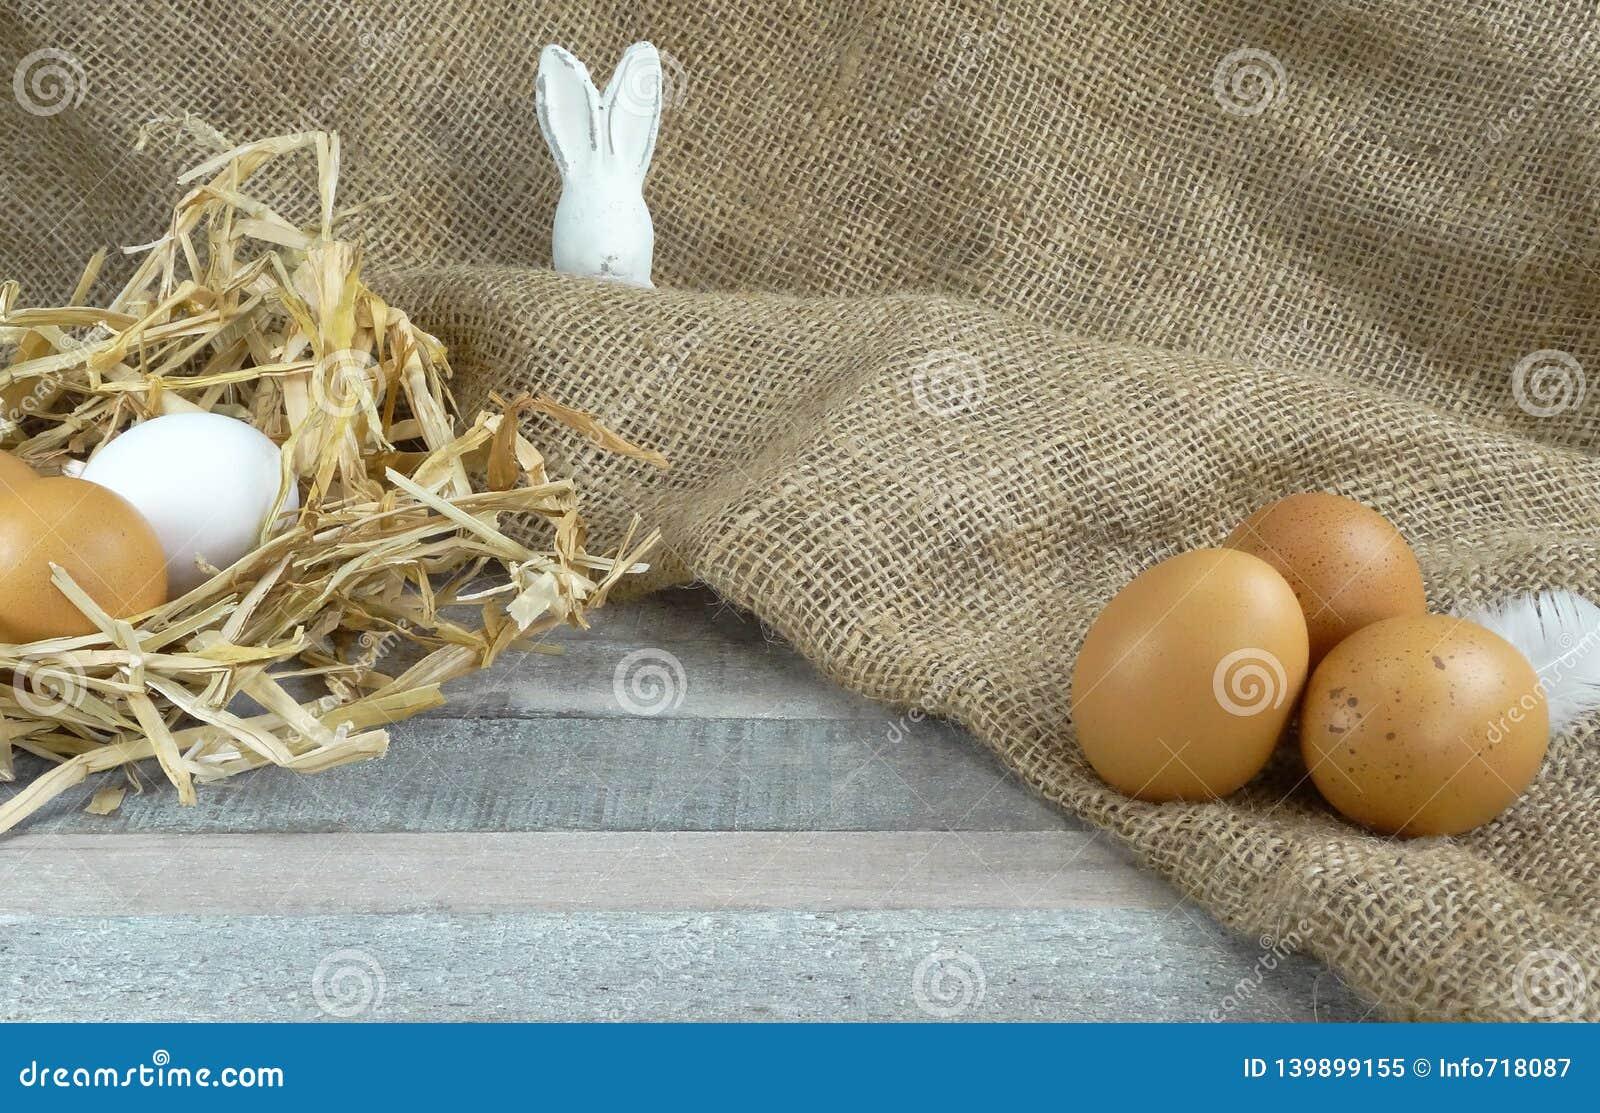 Ovos da galinha no coelho do witheaster do ninho da palha na serapilheira sobre o fundo de madeira